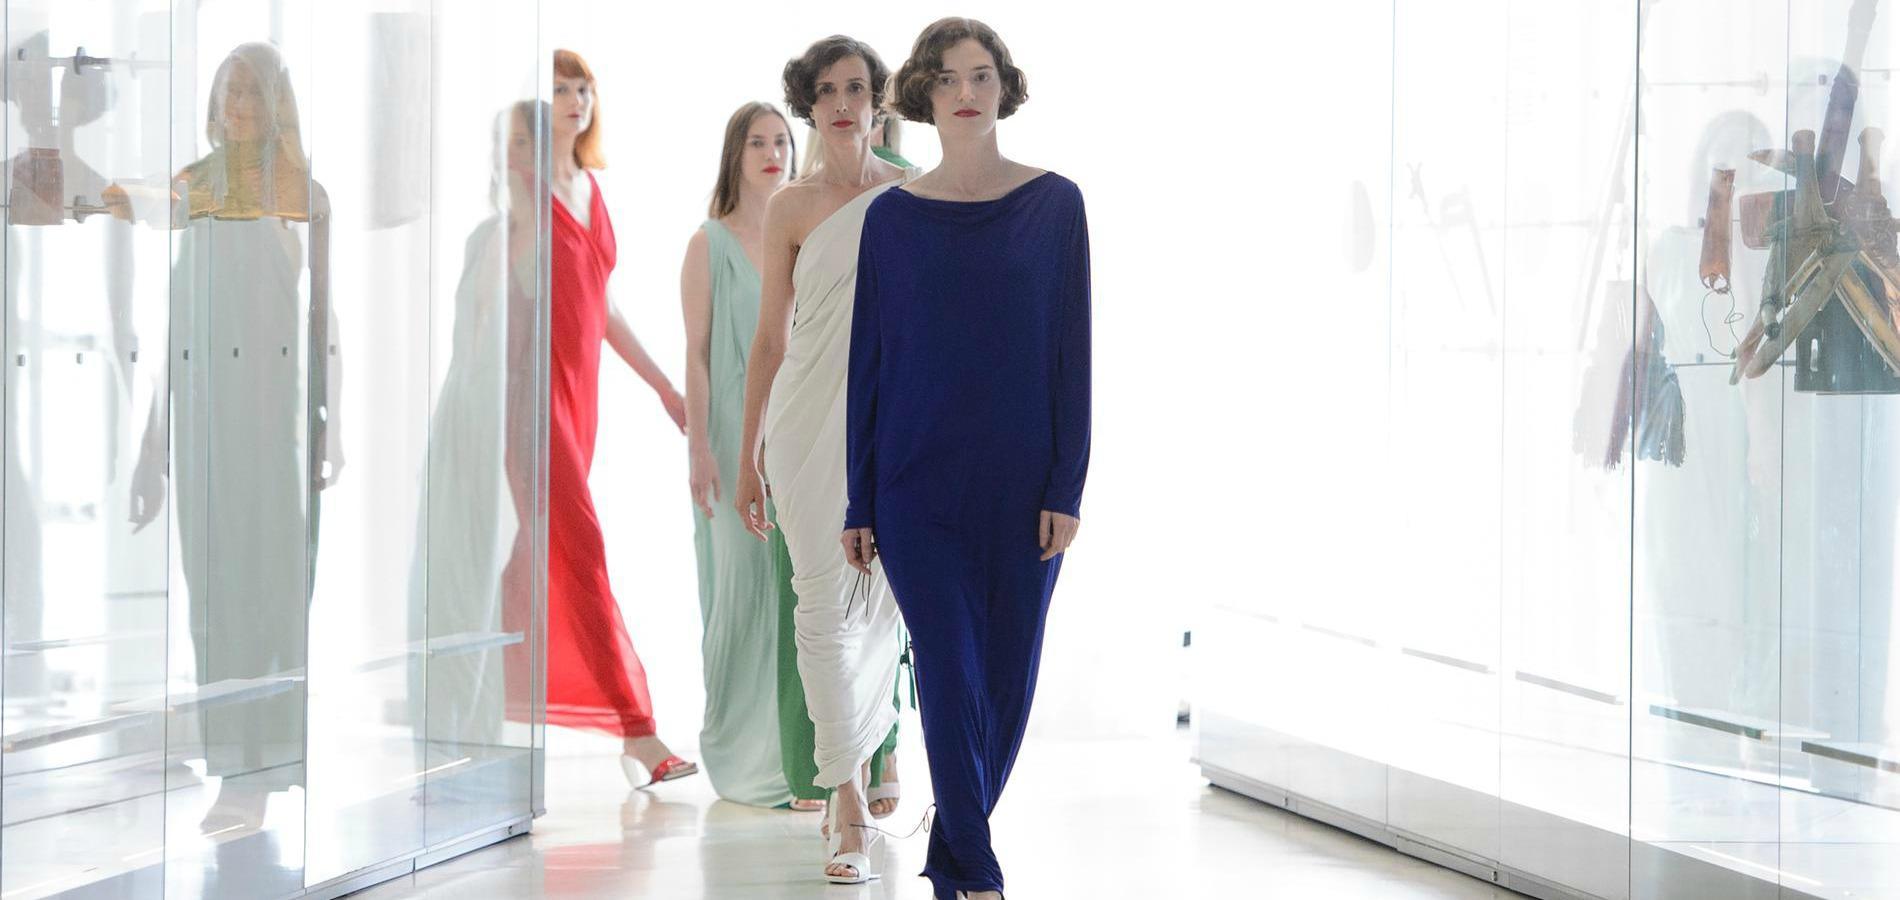 df99361d737fc2 Défilé Adeline André, Fashion Week haute couture automne-hiver 2017-2018 de  Paris.